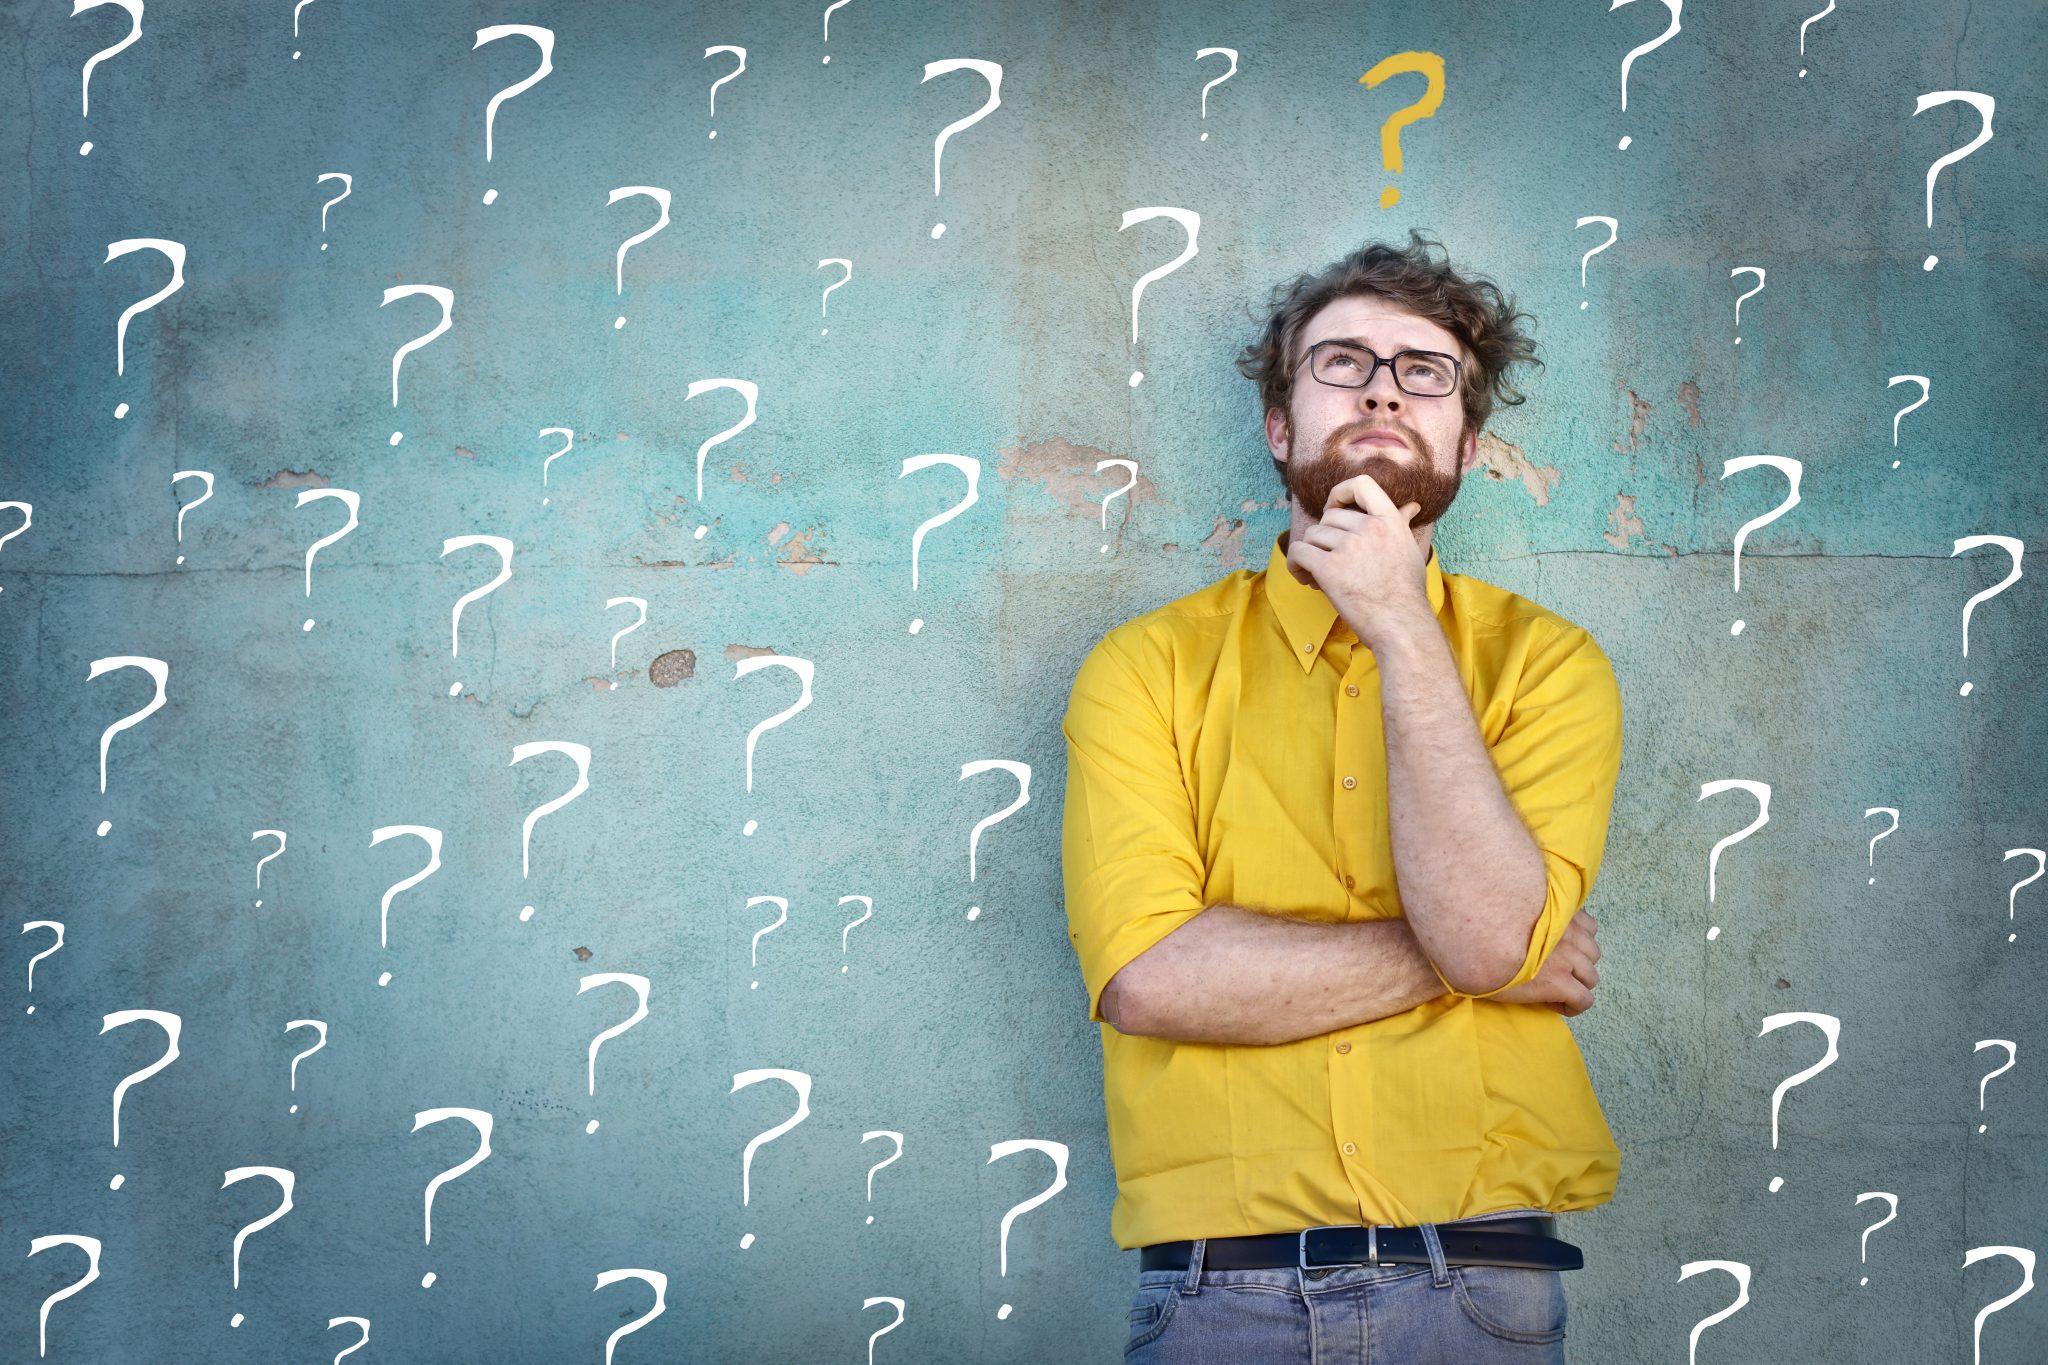 Ein junger Mann steht vor einer Betonwand mit Fragezeichen